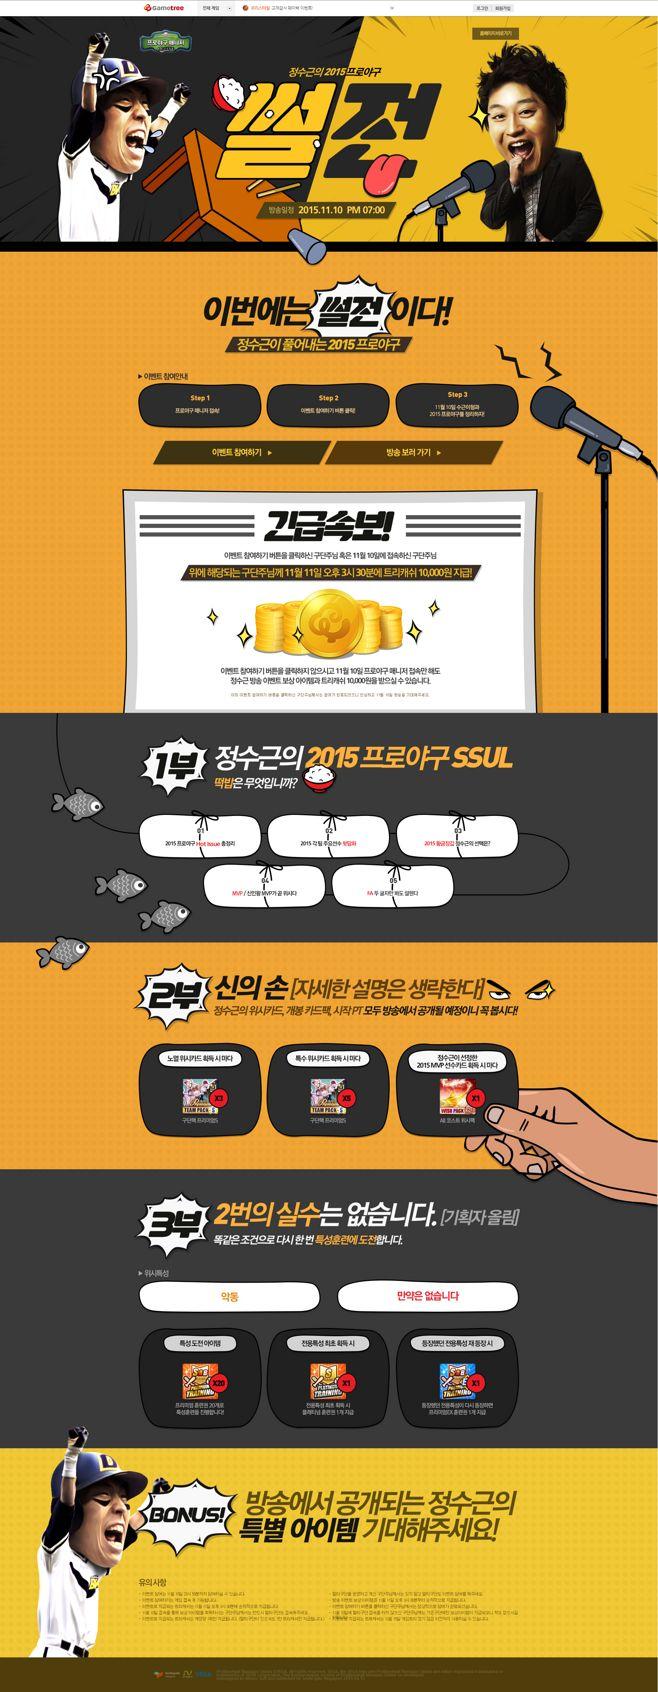 淘宝-飞梵采集到Web.Interface.Asia(1578图)_花瓣UI/UX